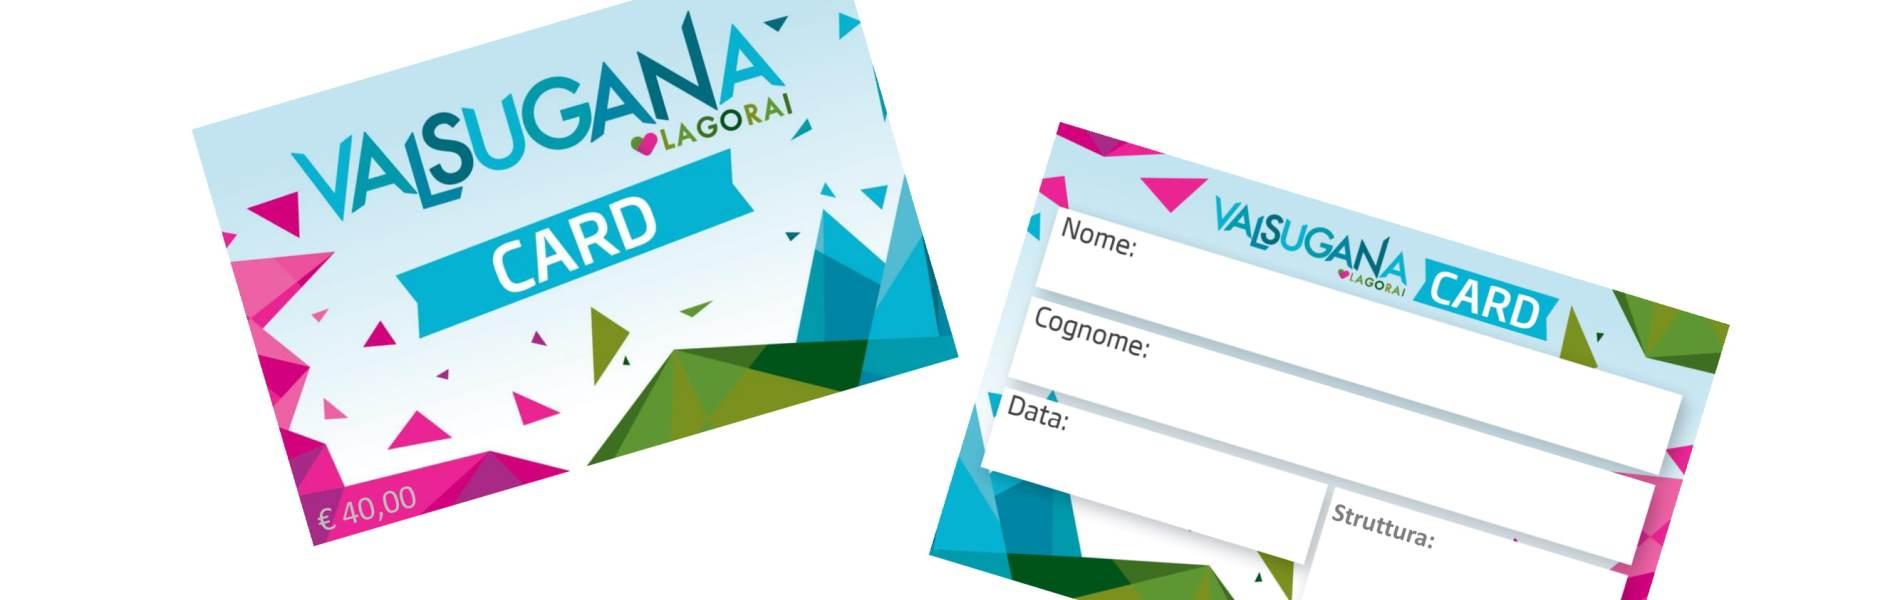 valsugana-card-1